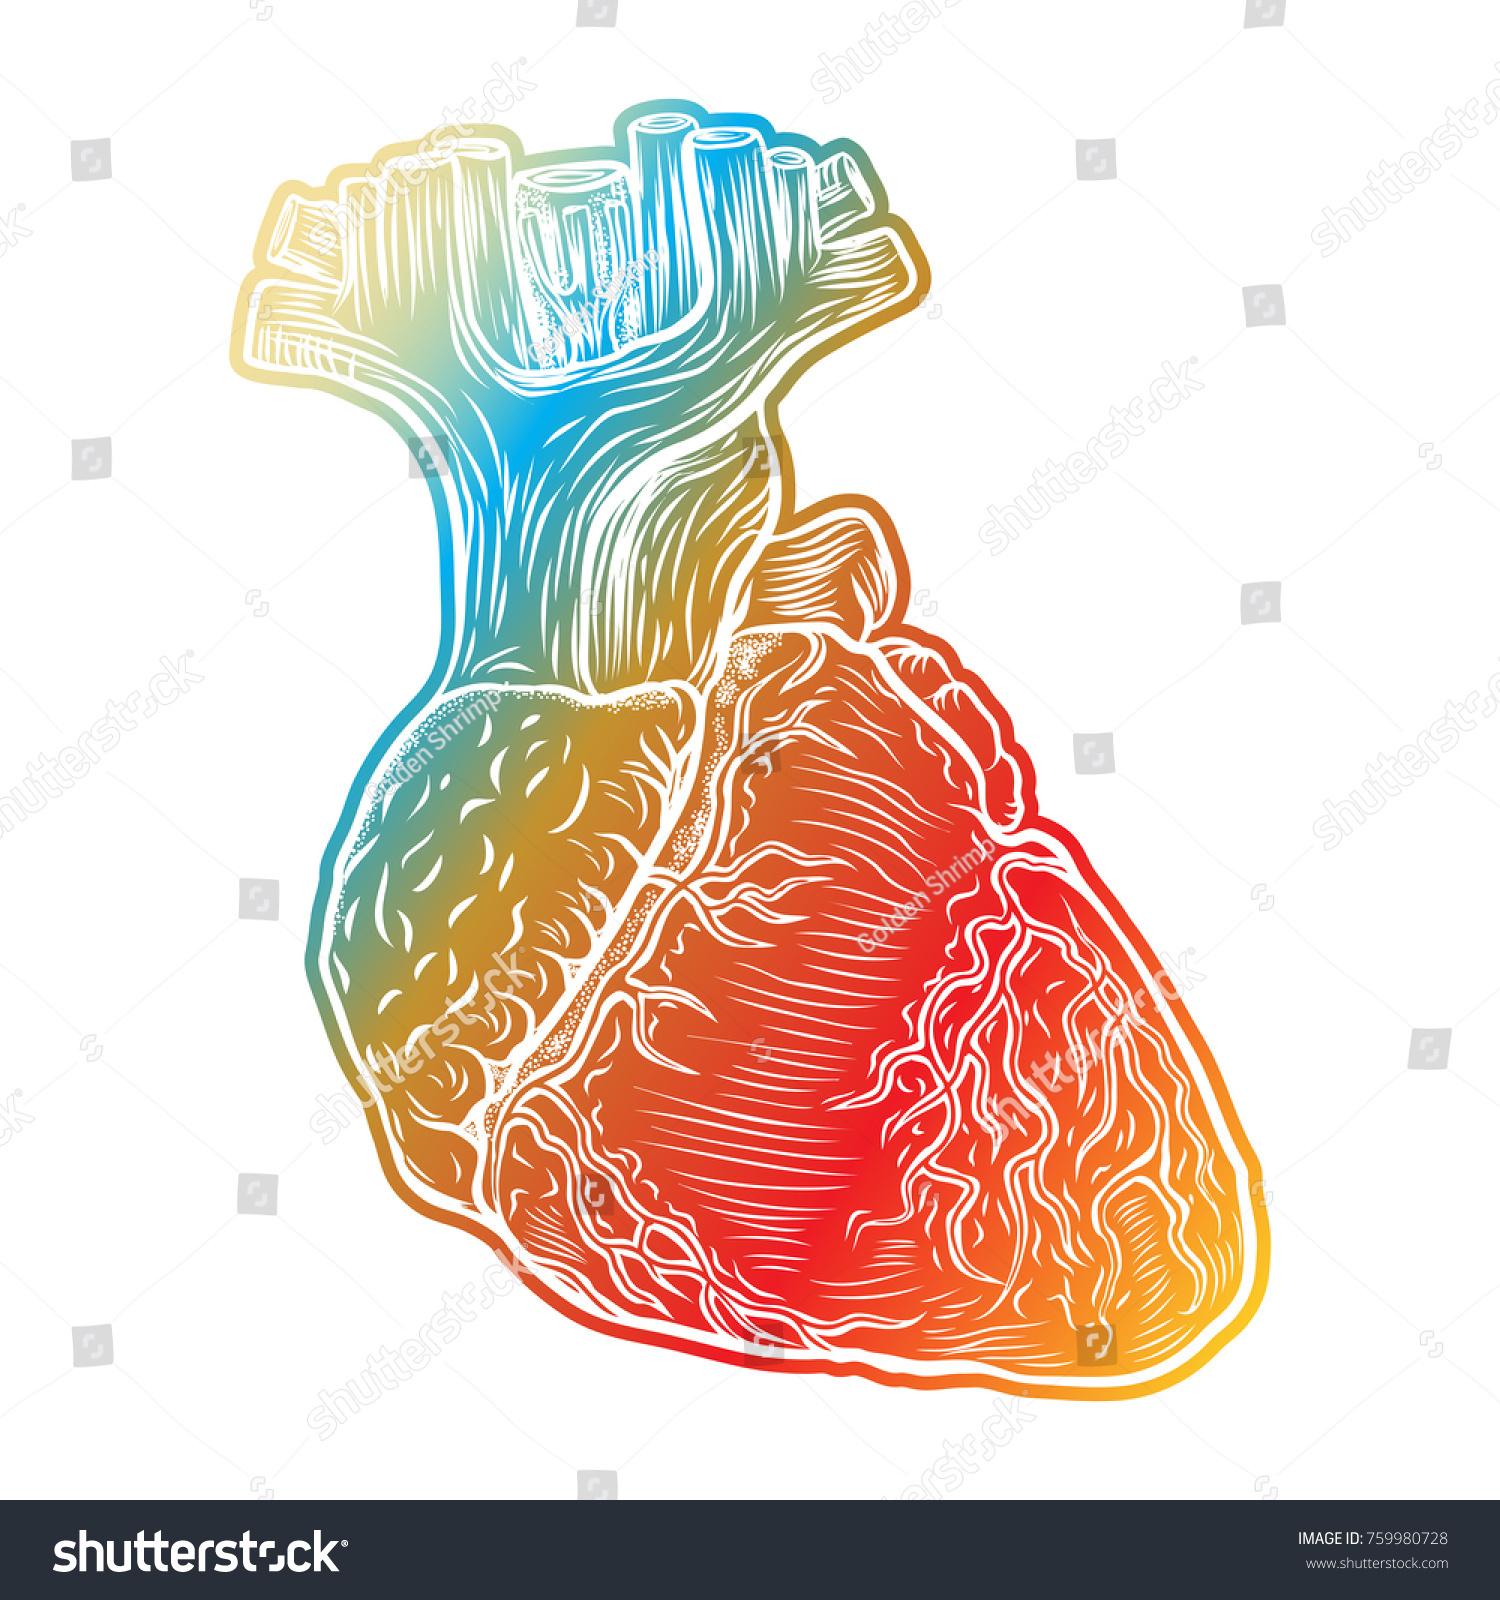 Red Human Heart Aorta Veins Arteries Stock Vector 759980728 ...